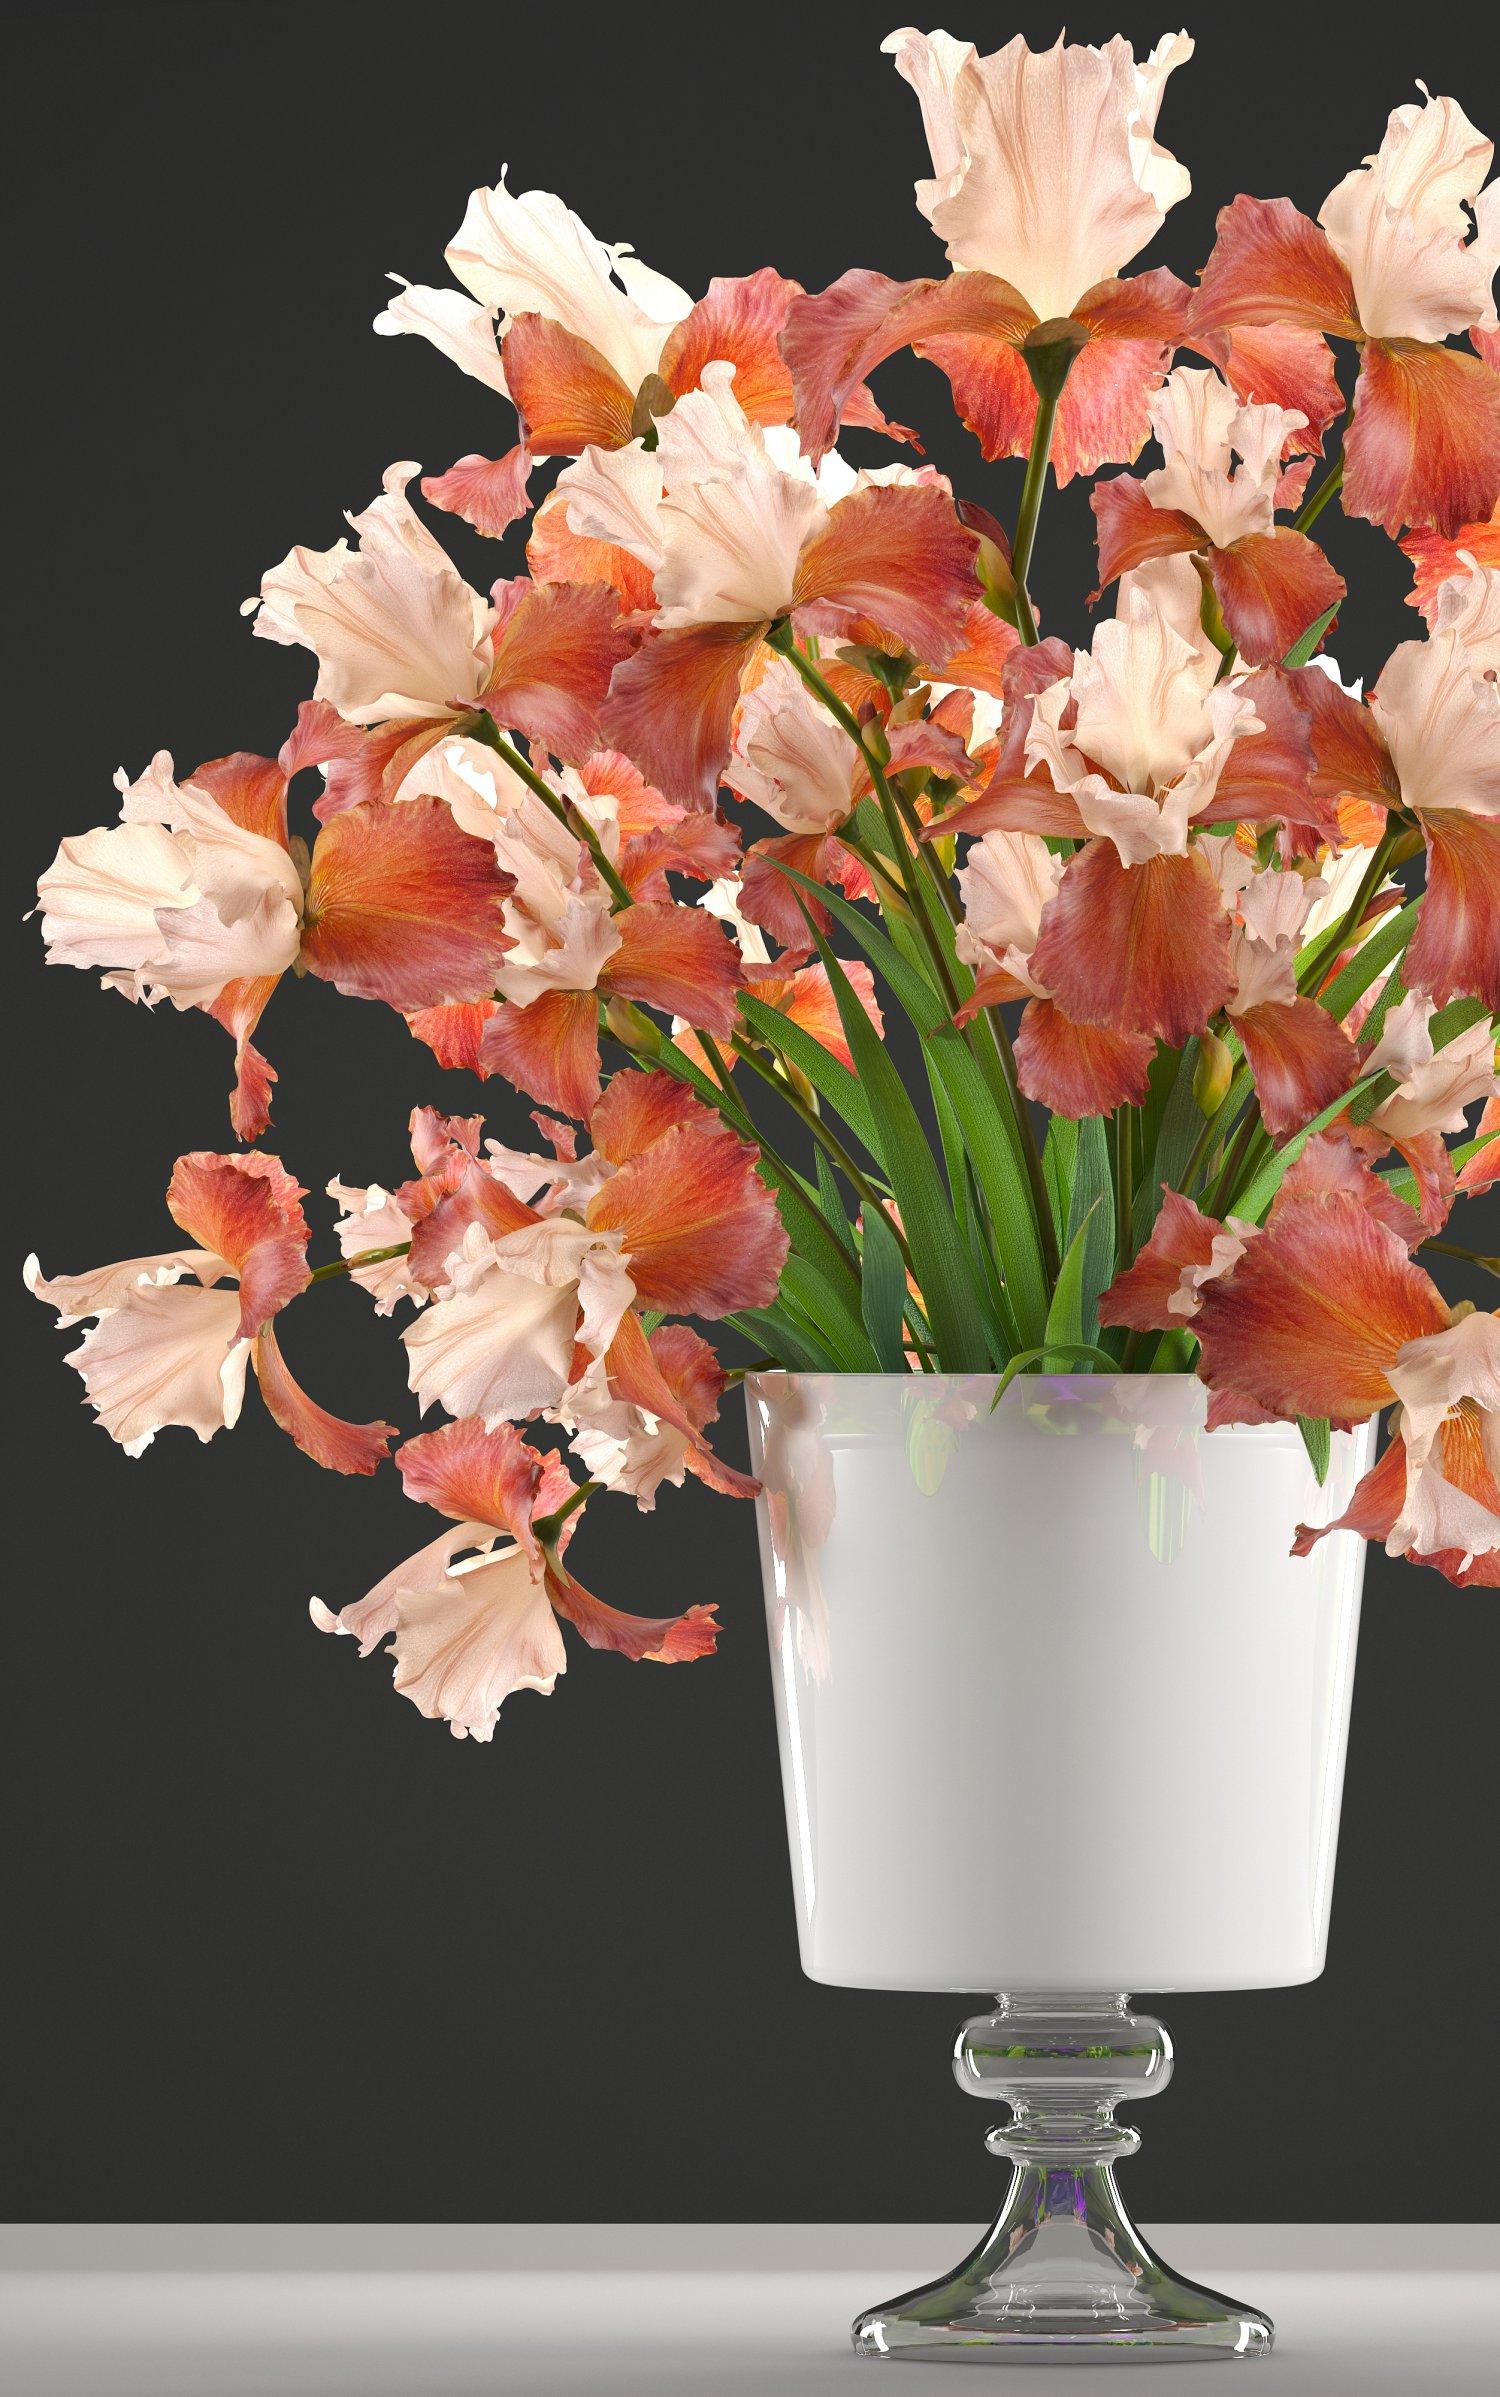 Flower bouquet of iris 3d model in flowers 3dexport flower bouquet of iris remove bookmark bookmark this item izmirmasajfo